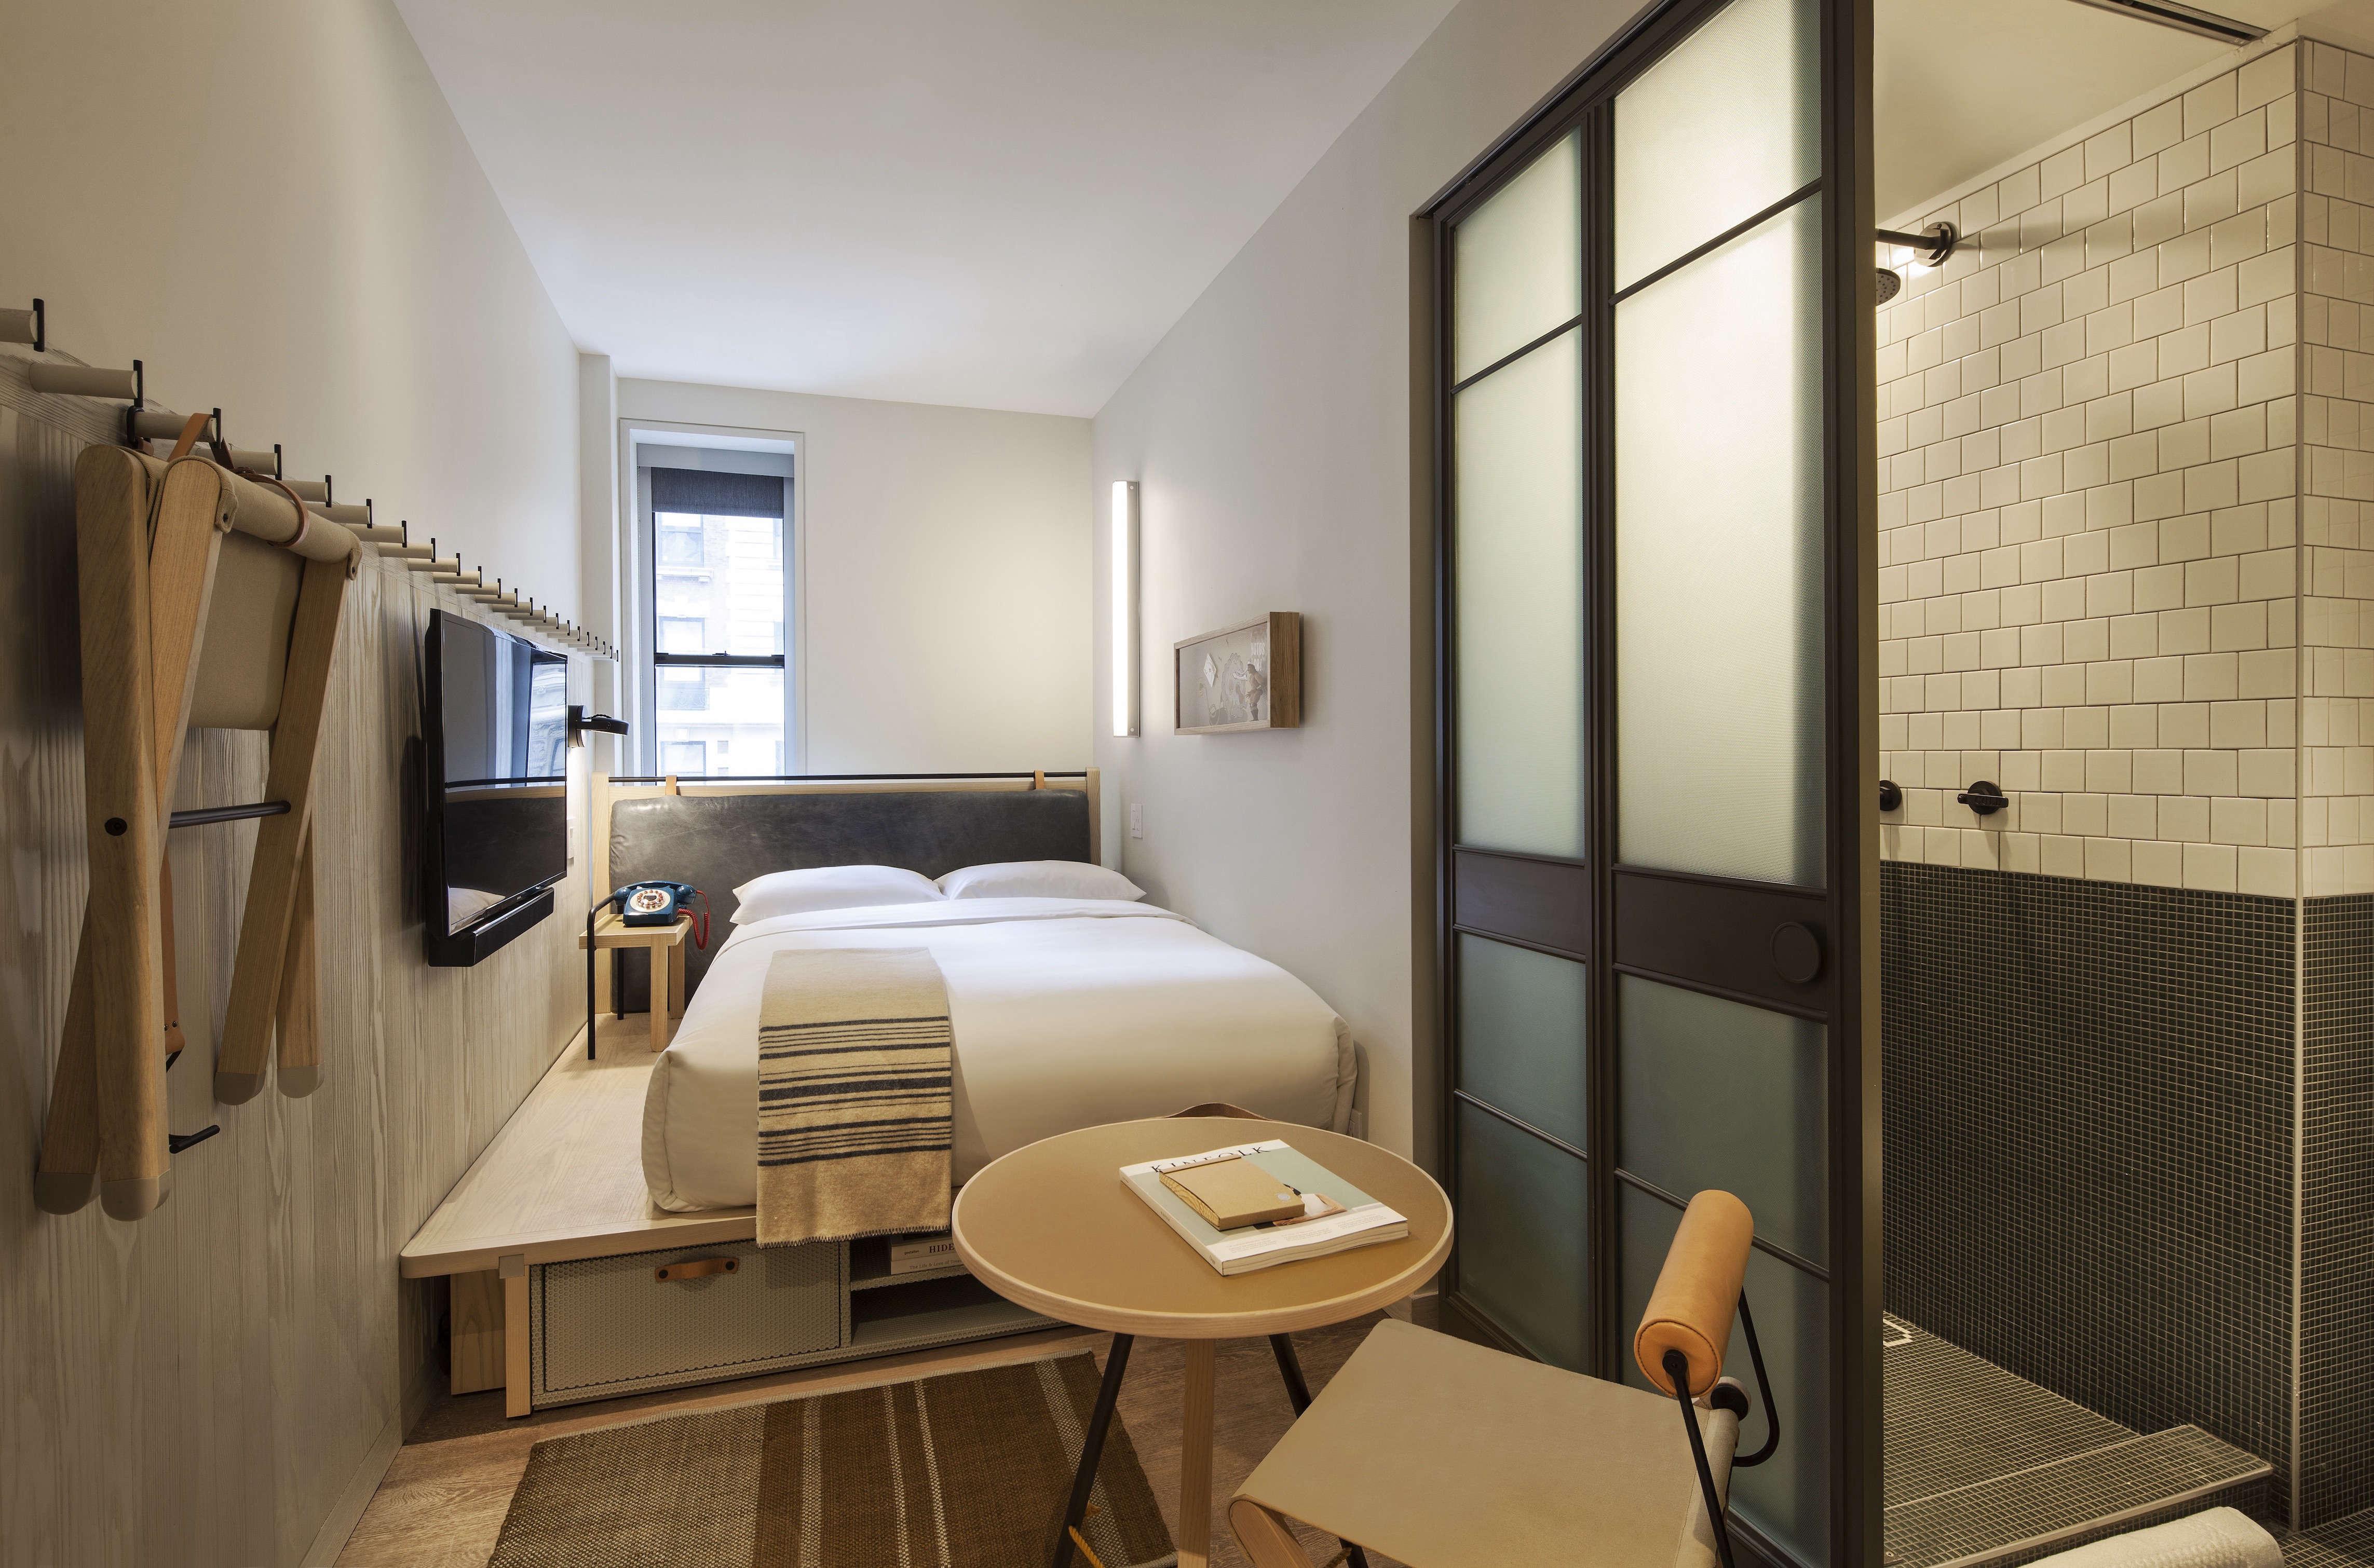 Moxy Hotel NYC, full bed, Yabu Pushelberg design.